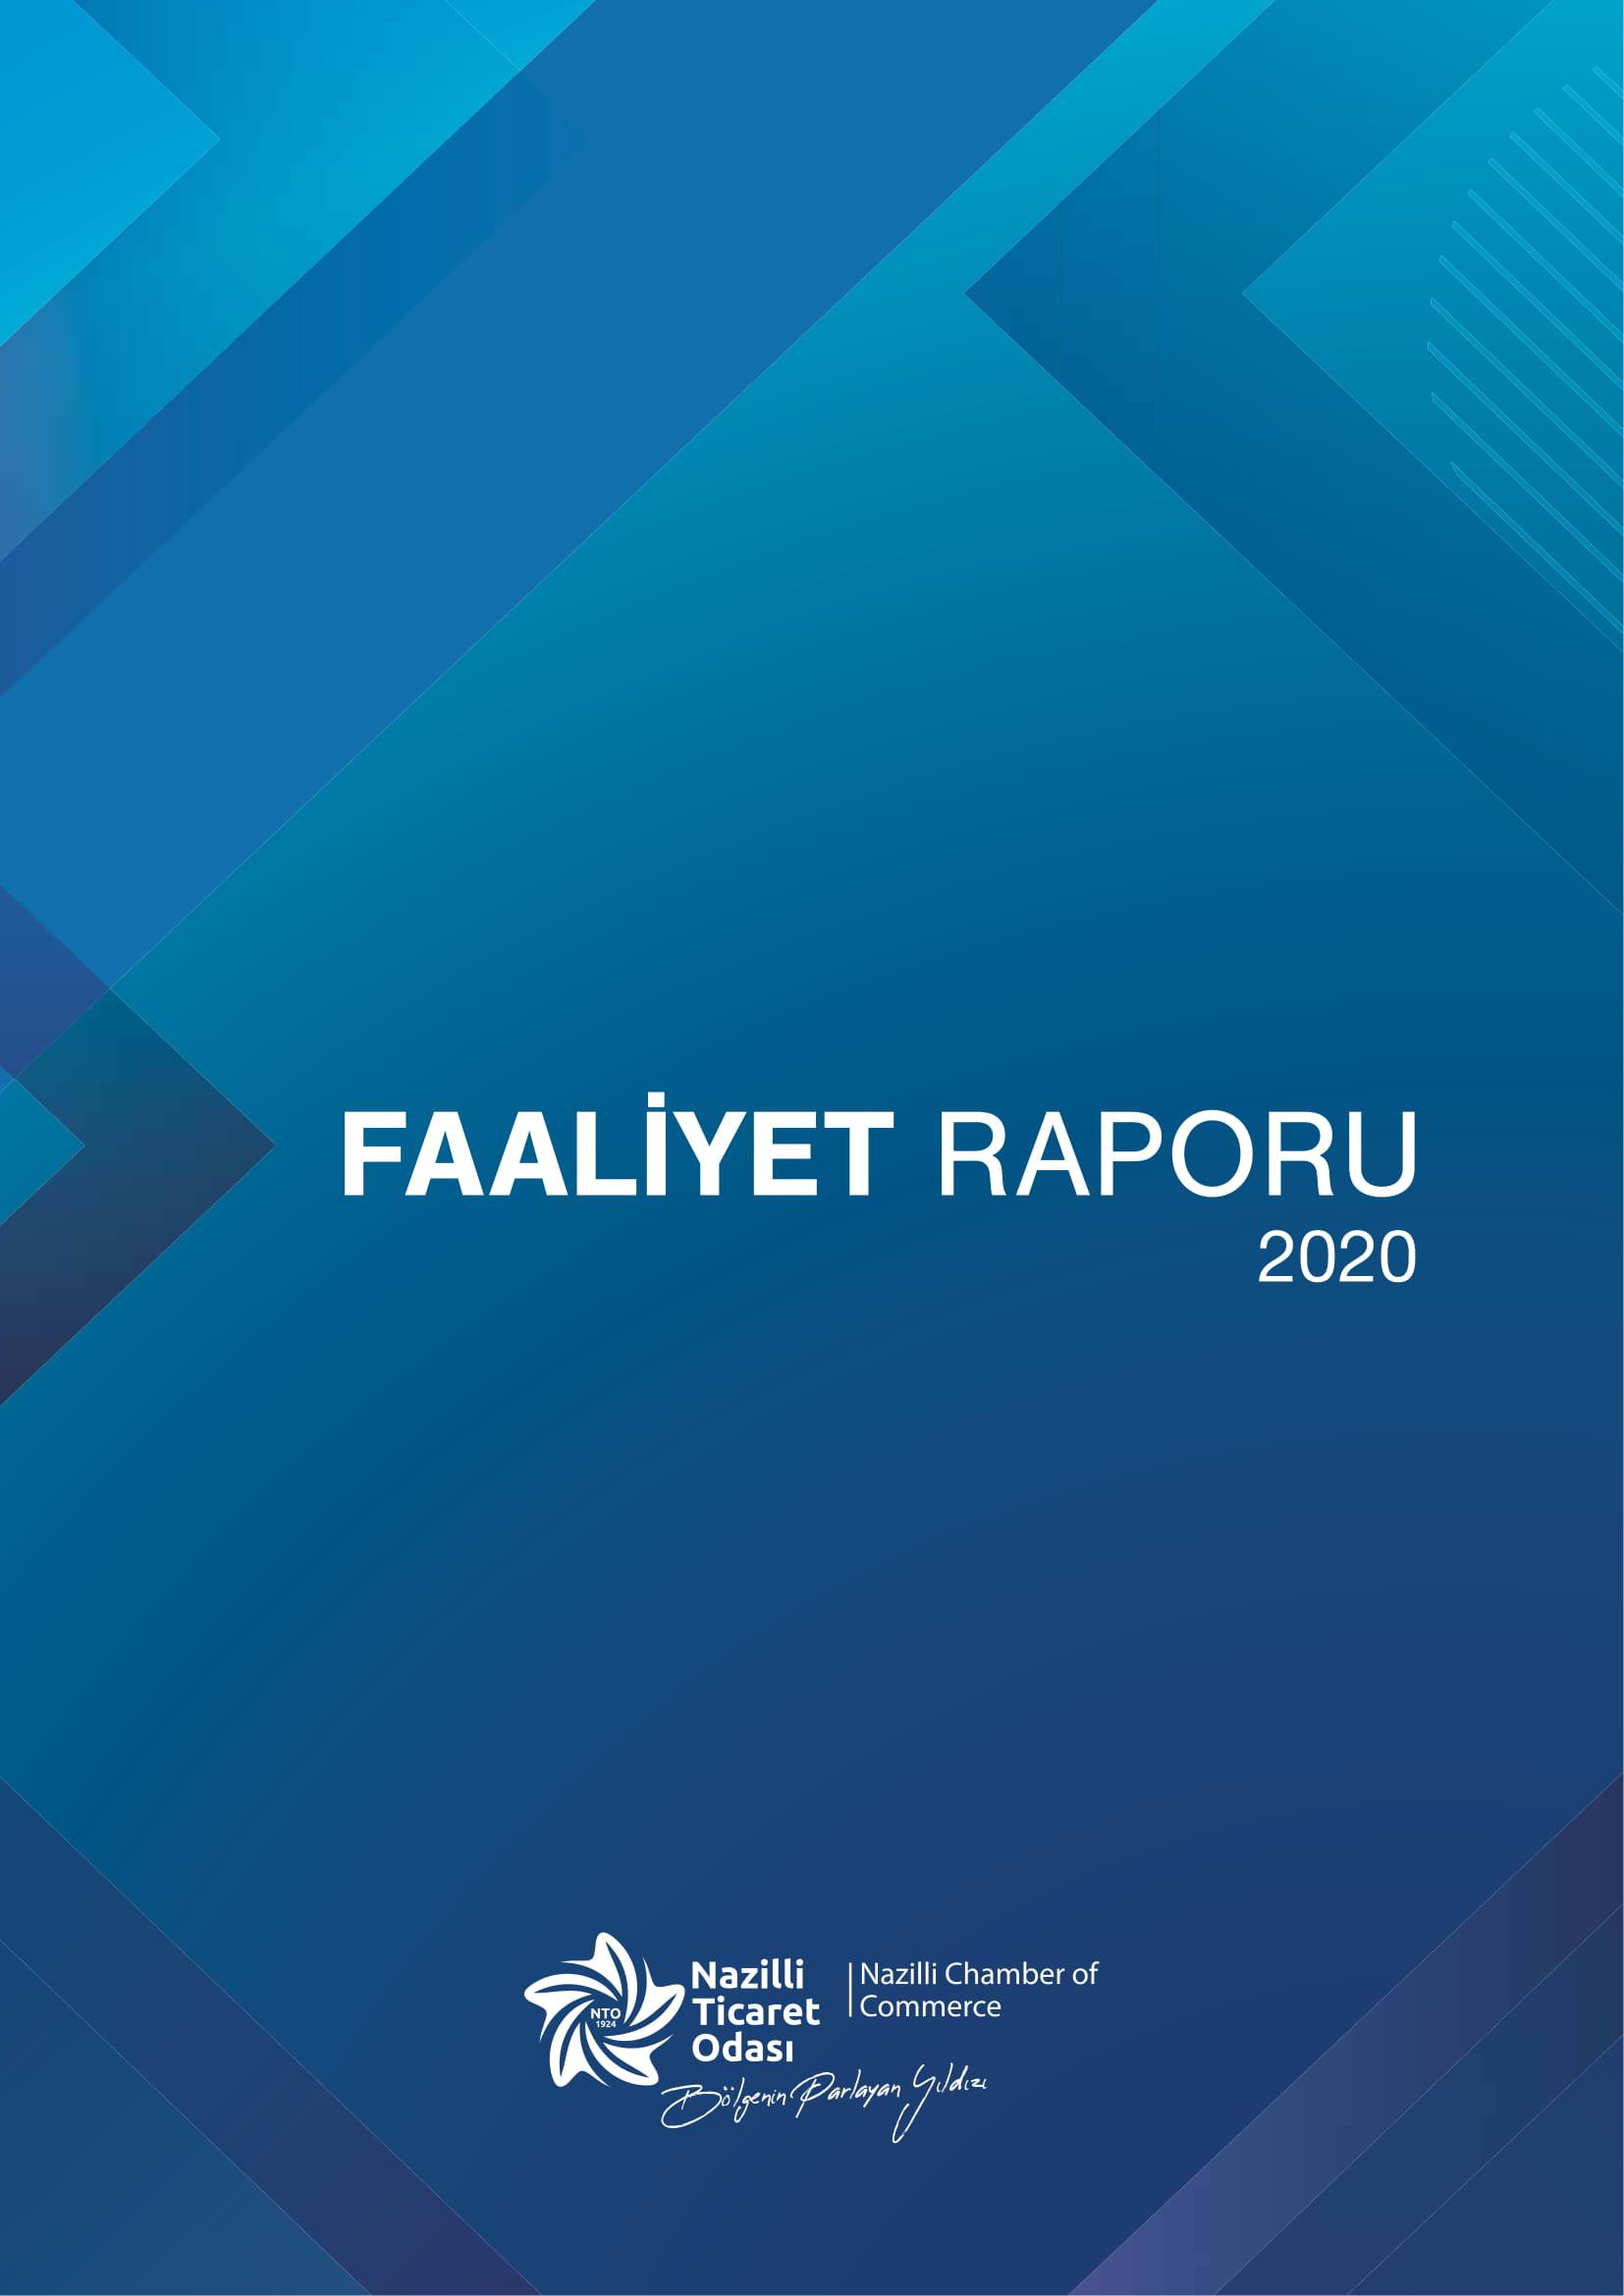 faaliyet-raporu-2020-001